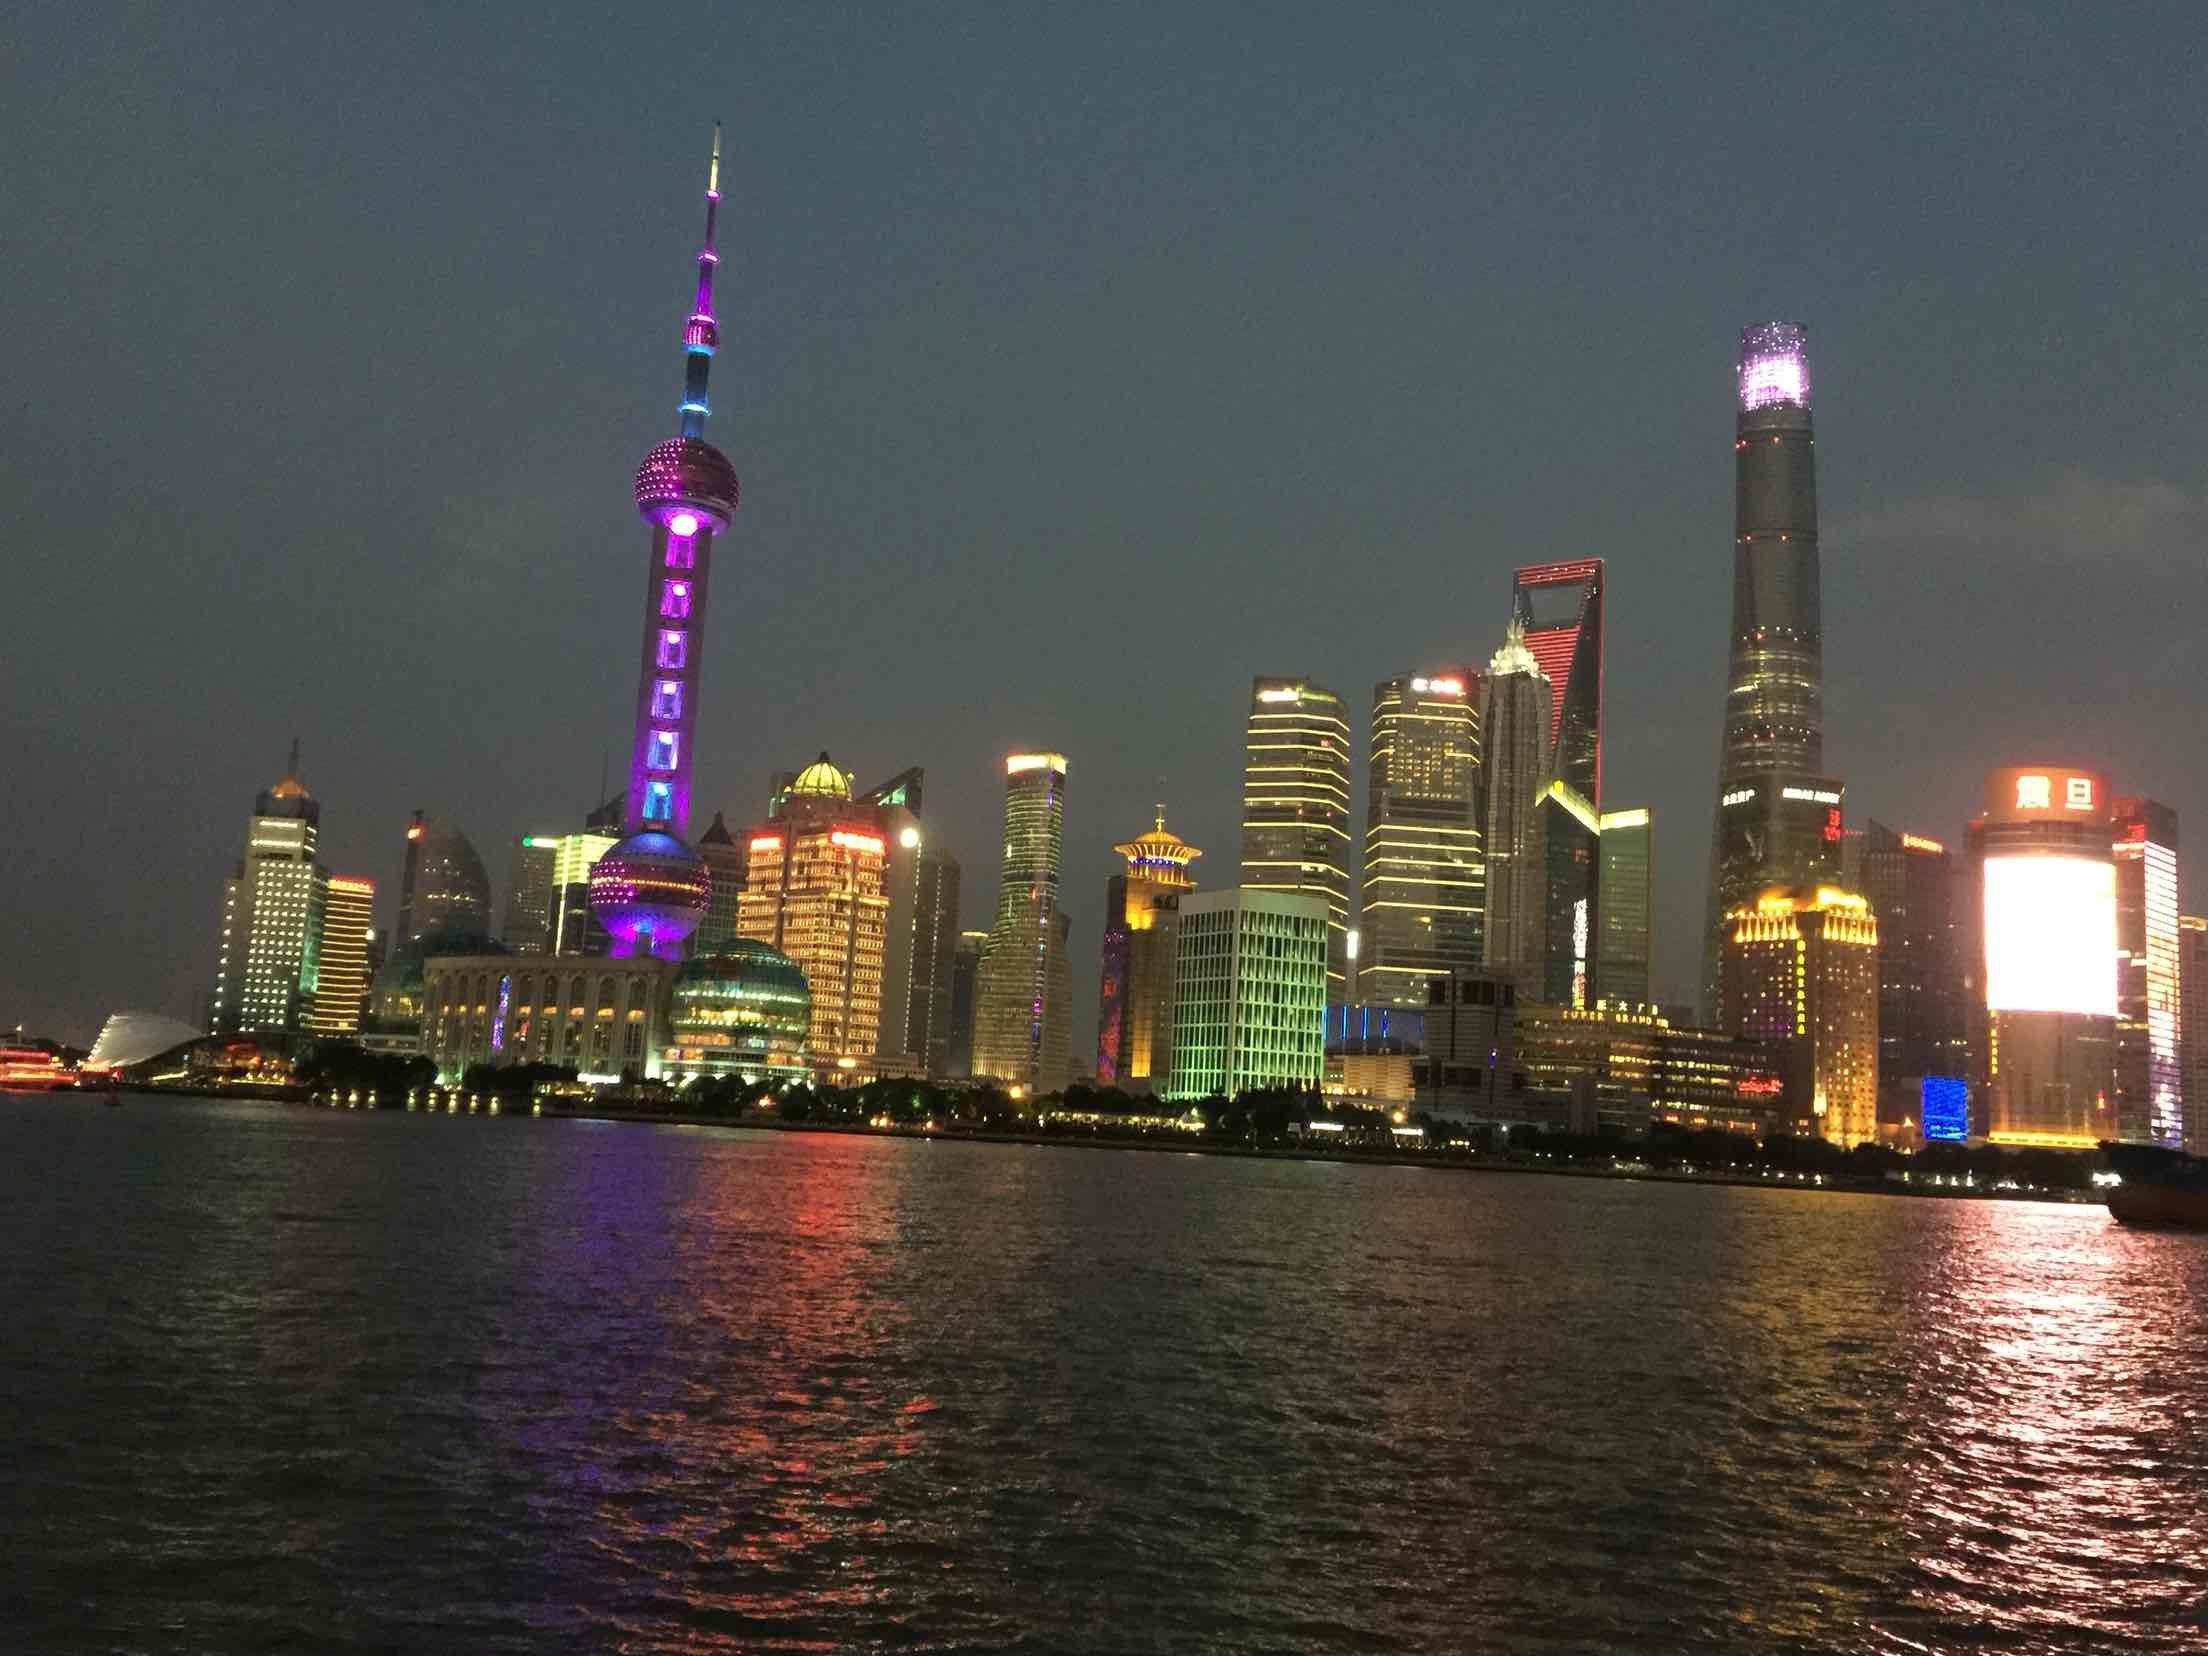 【携程攻略】上海世茂皇家艾美酒店预订价格